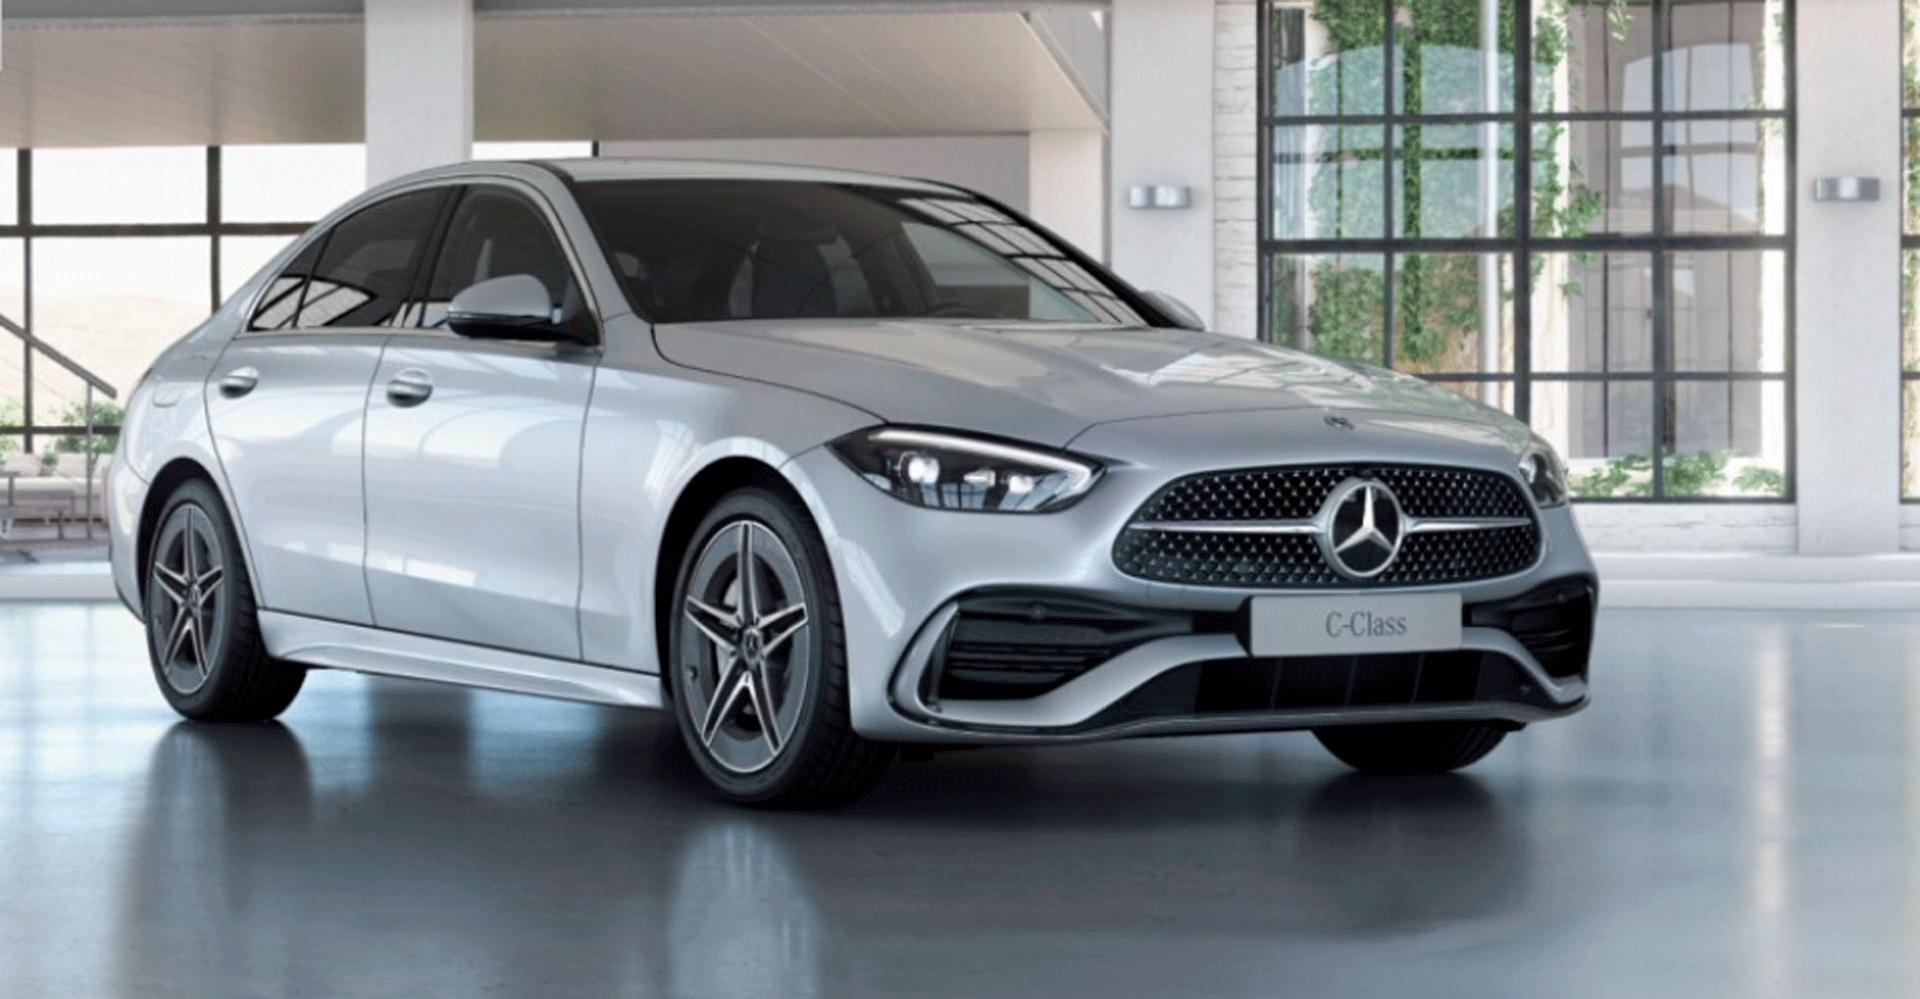 Mercedes-Benz C-Class 0152607017